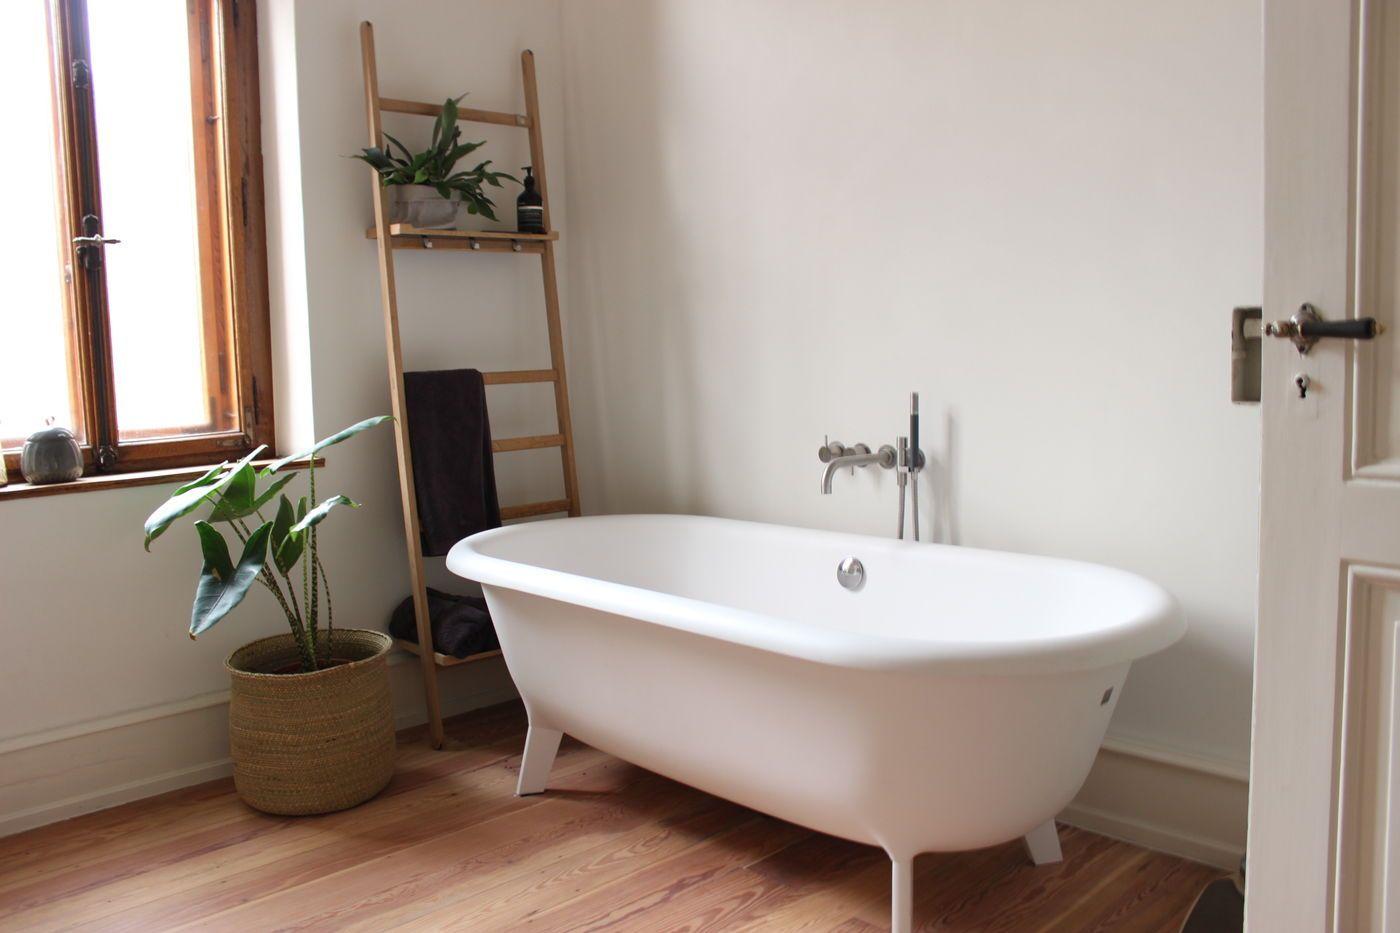 Badezimmer Bilder Retro Bad Landhausstil Ein Badezimmer Im Shabby